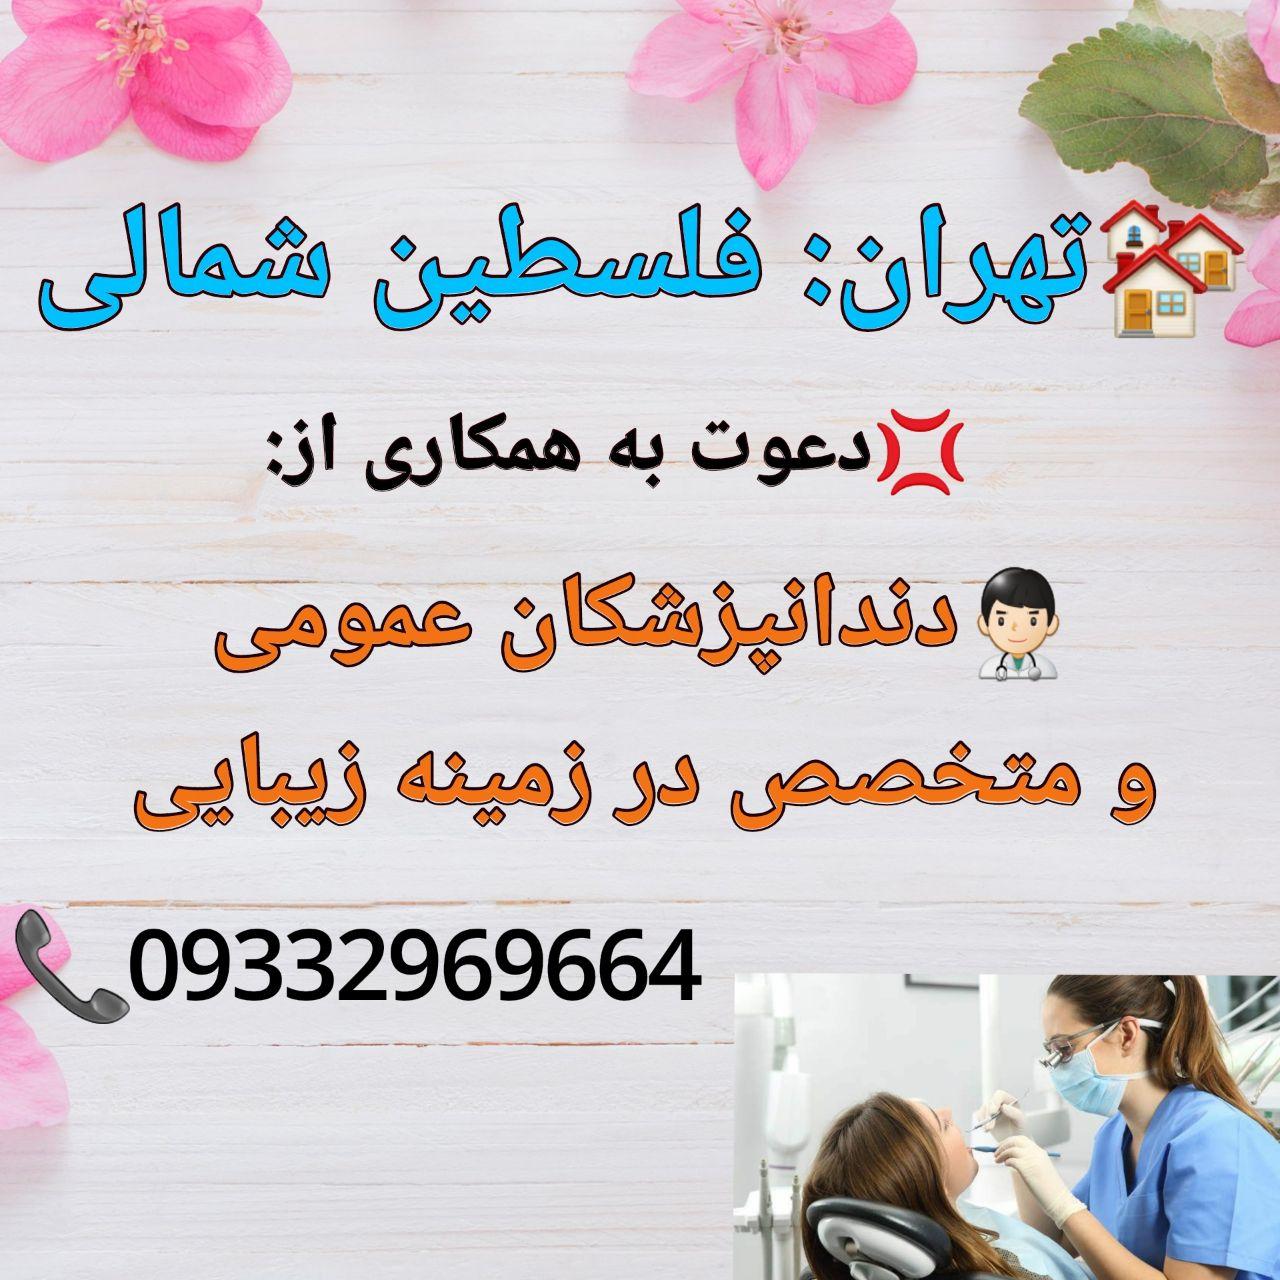 تهران: فلسطین شمالی، نیاز به دندانپزشکان عمومی، و متخصص در زمینه زیبایی